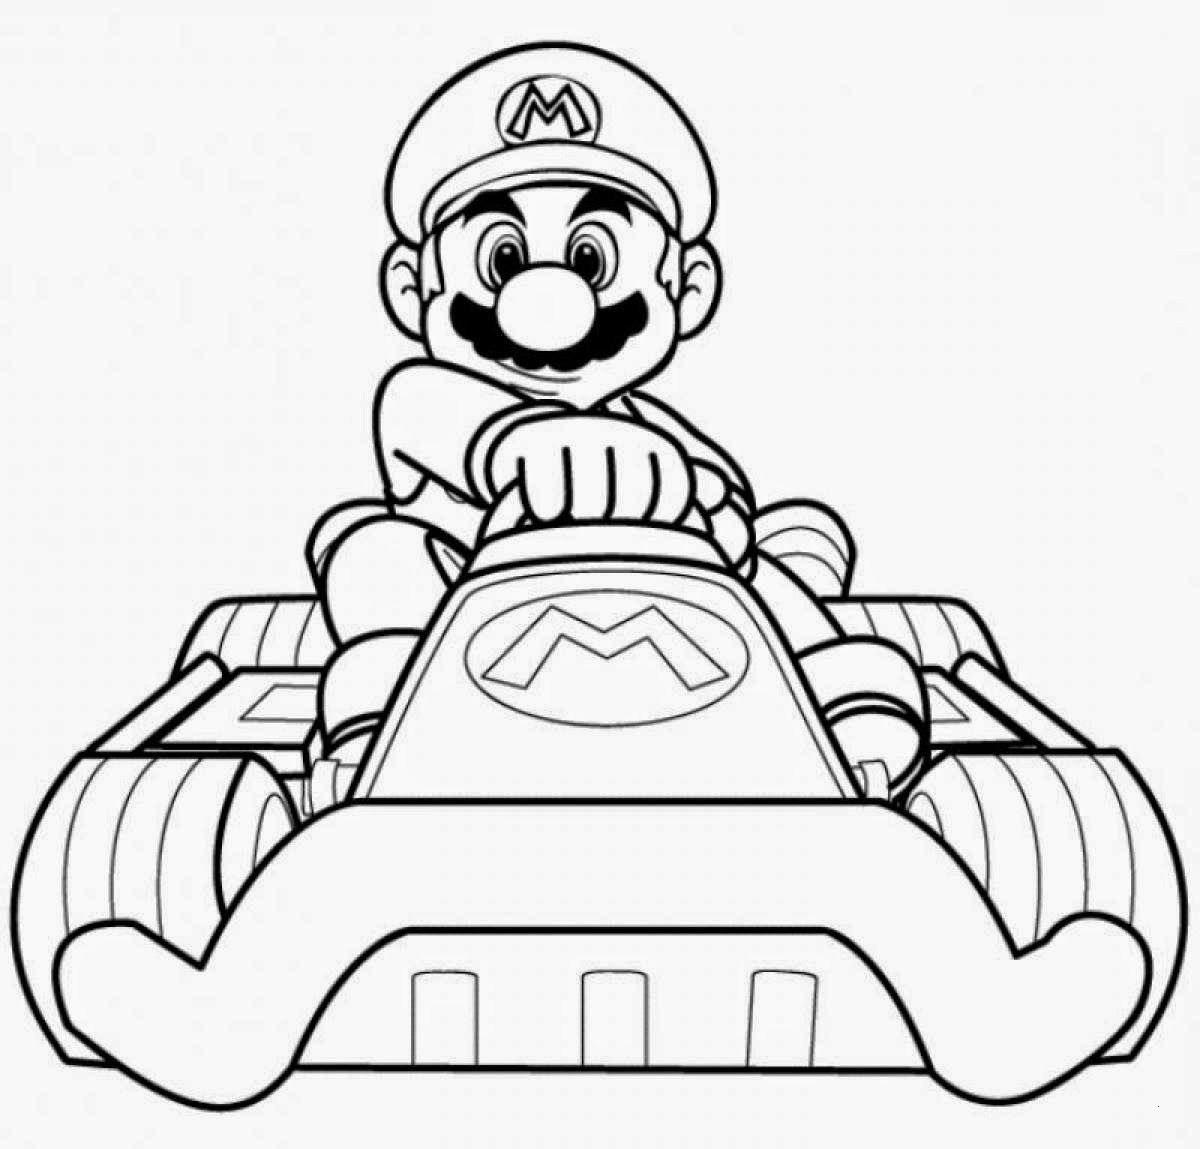 Mario Kart Ausmalbilder Das Beste Von 34 Schön Mario Ausmalbilder – Malvorlagen Ideen Fotos